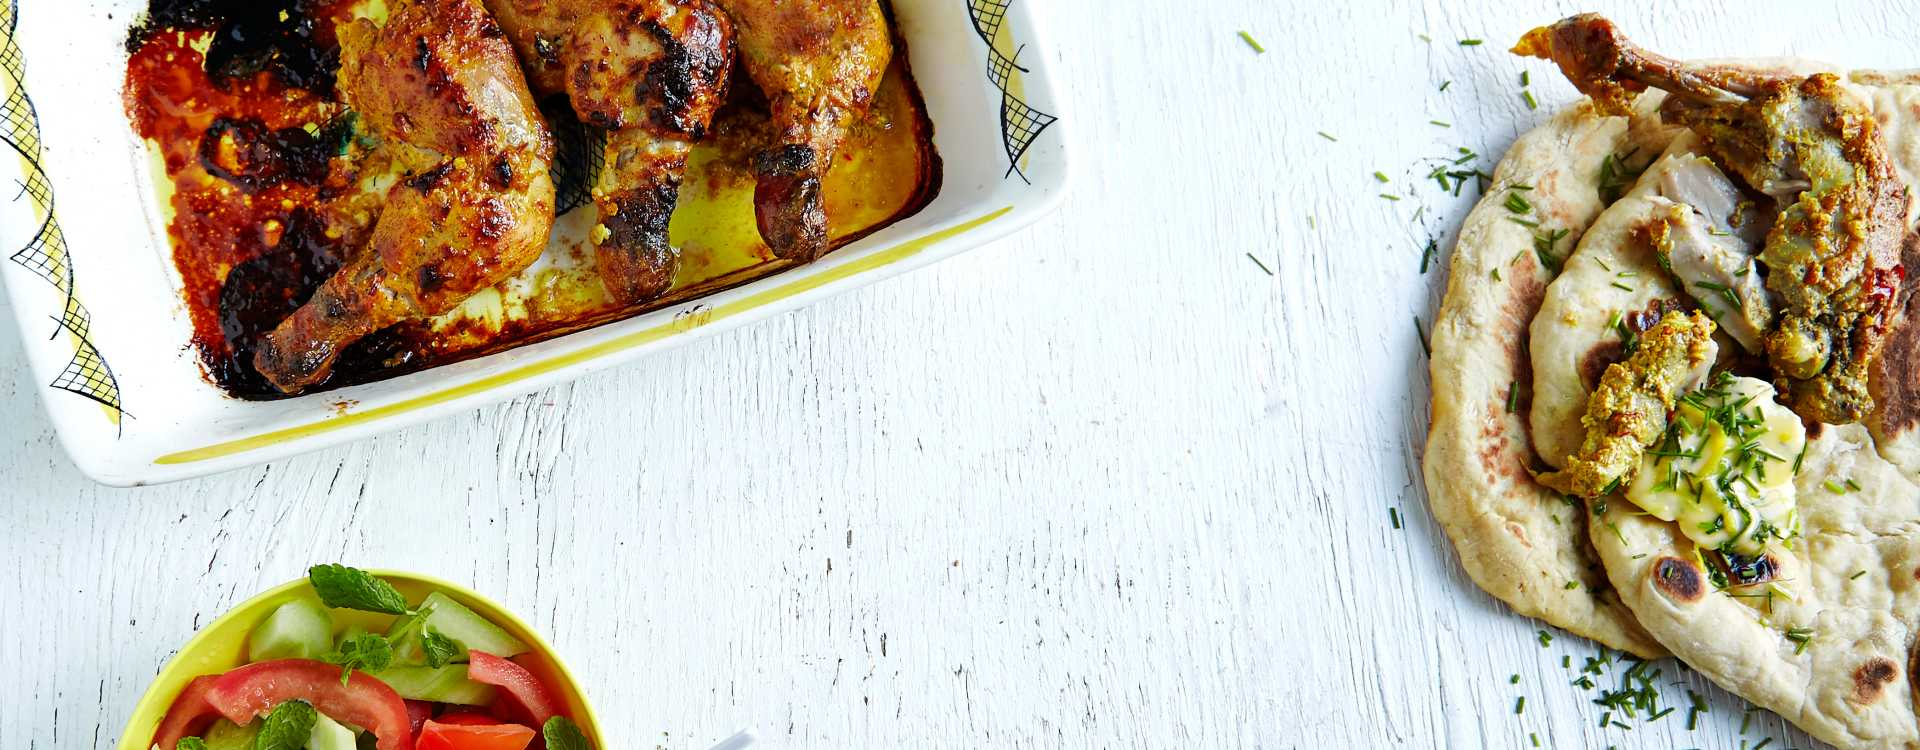 Kyllinglår Tandoori med salat og nanbrød